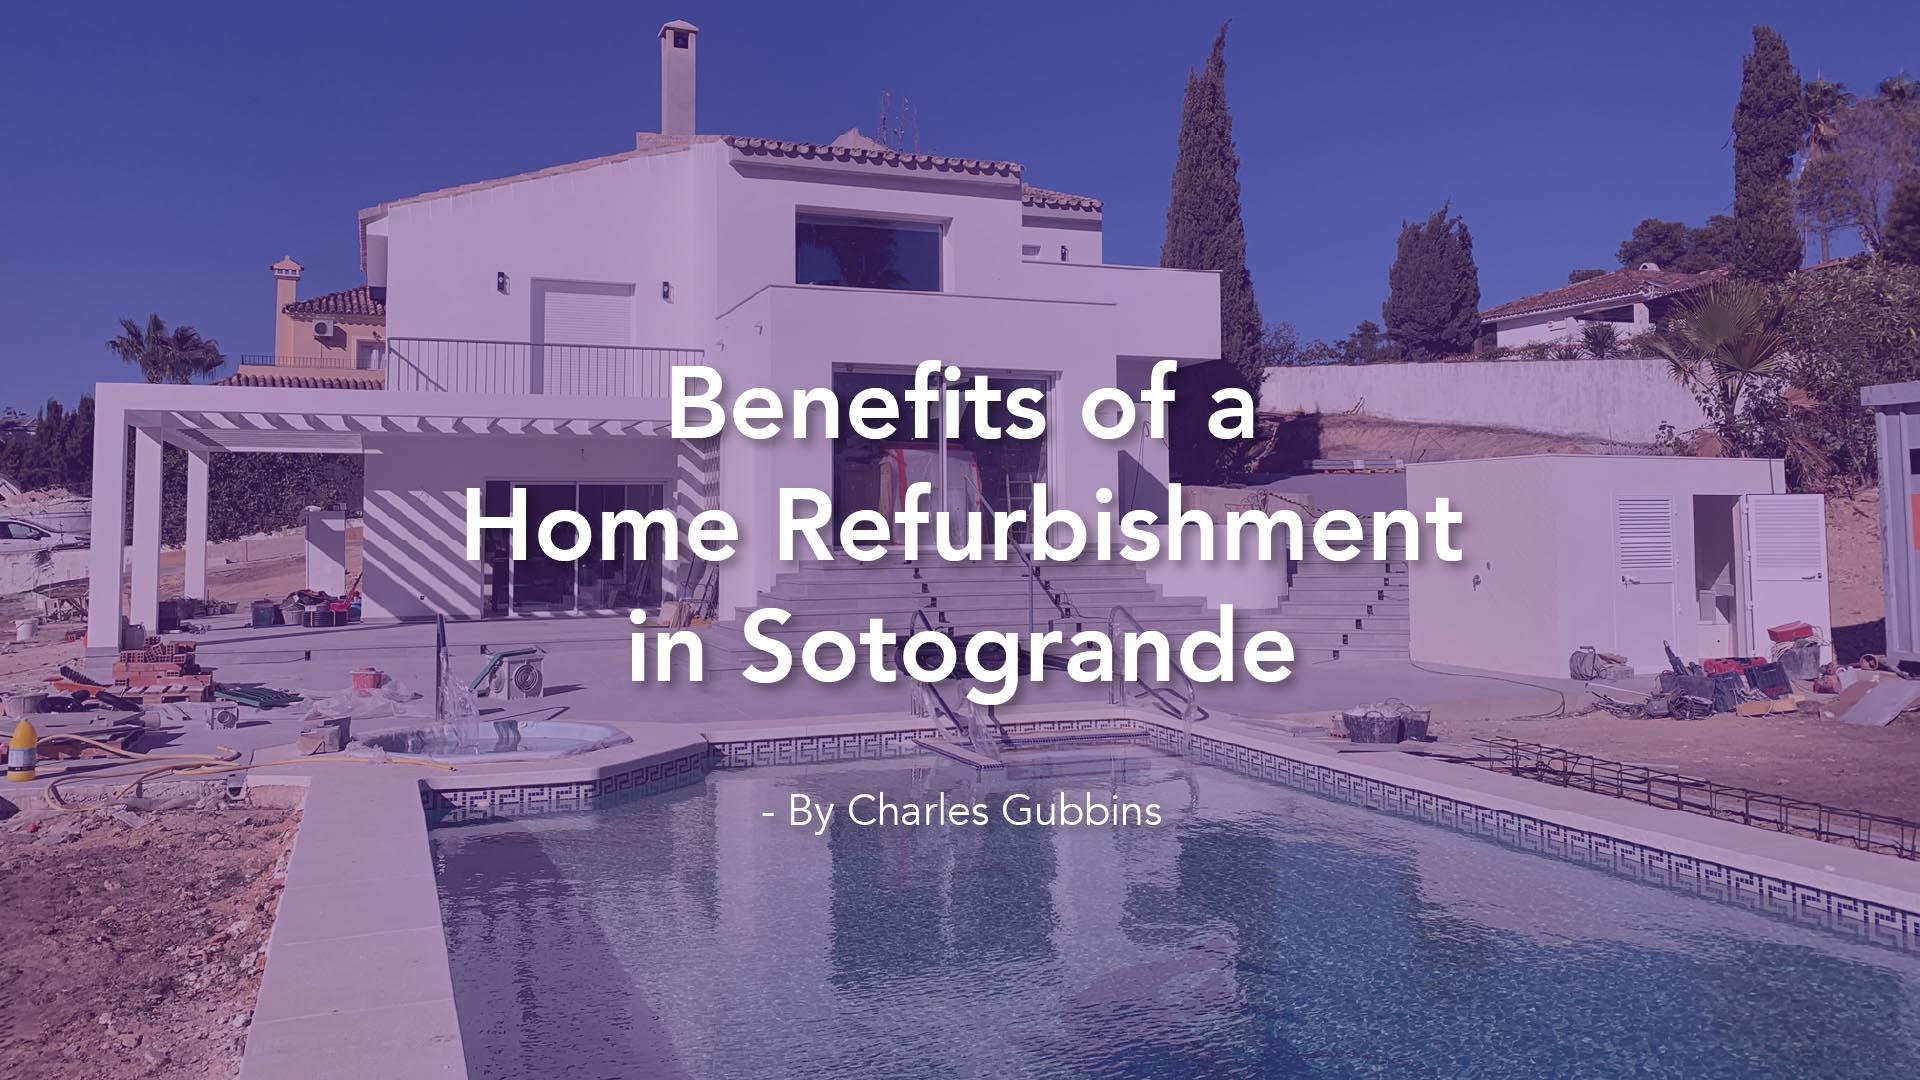 Benefits of a Home Refurbishment in Sotogrande